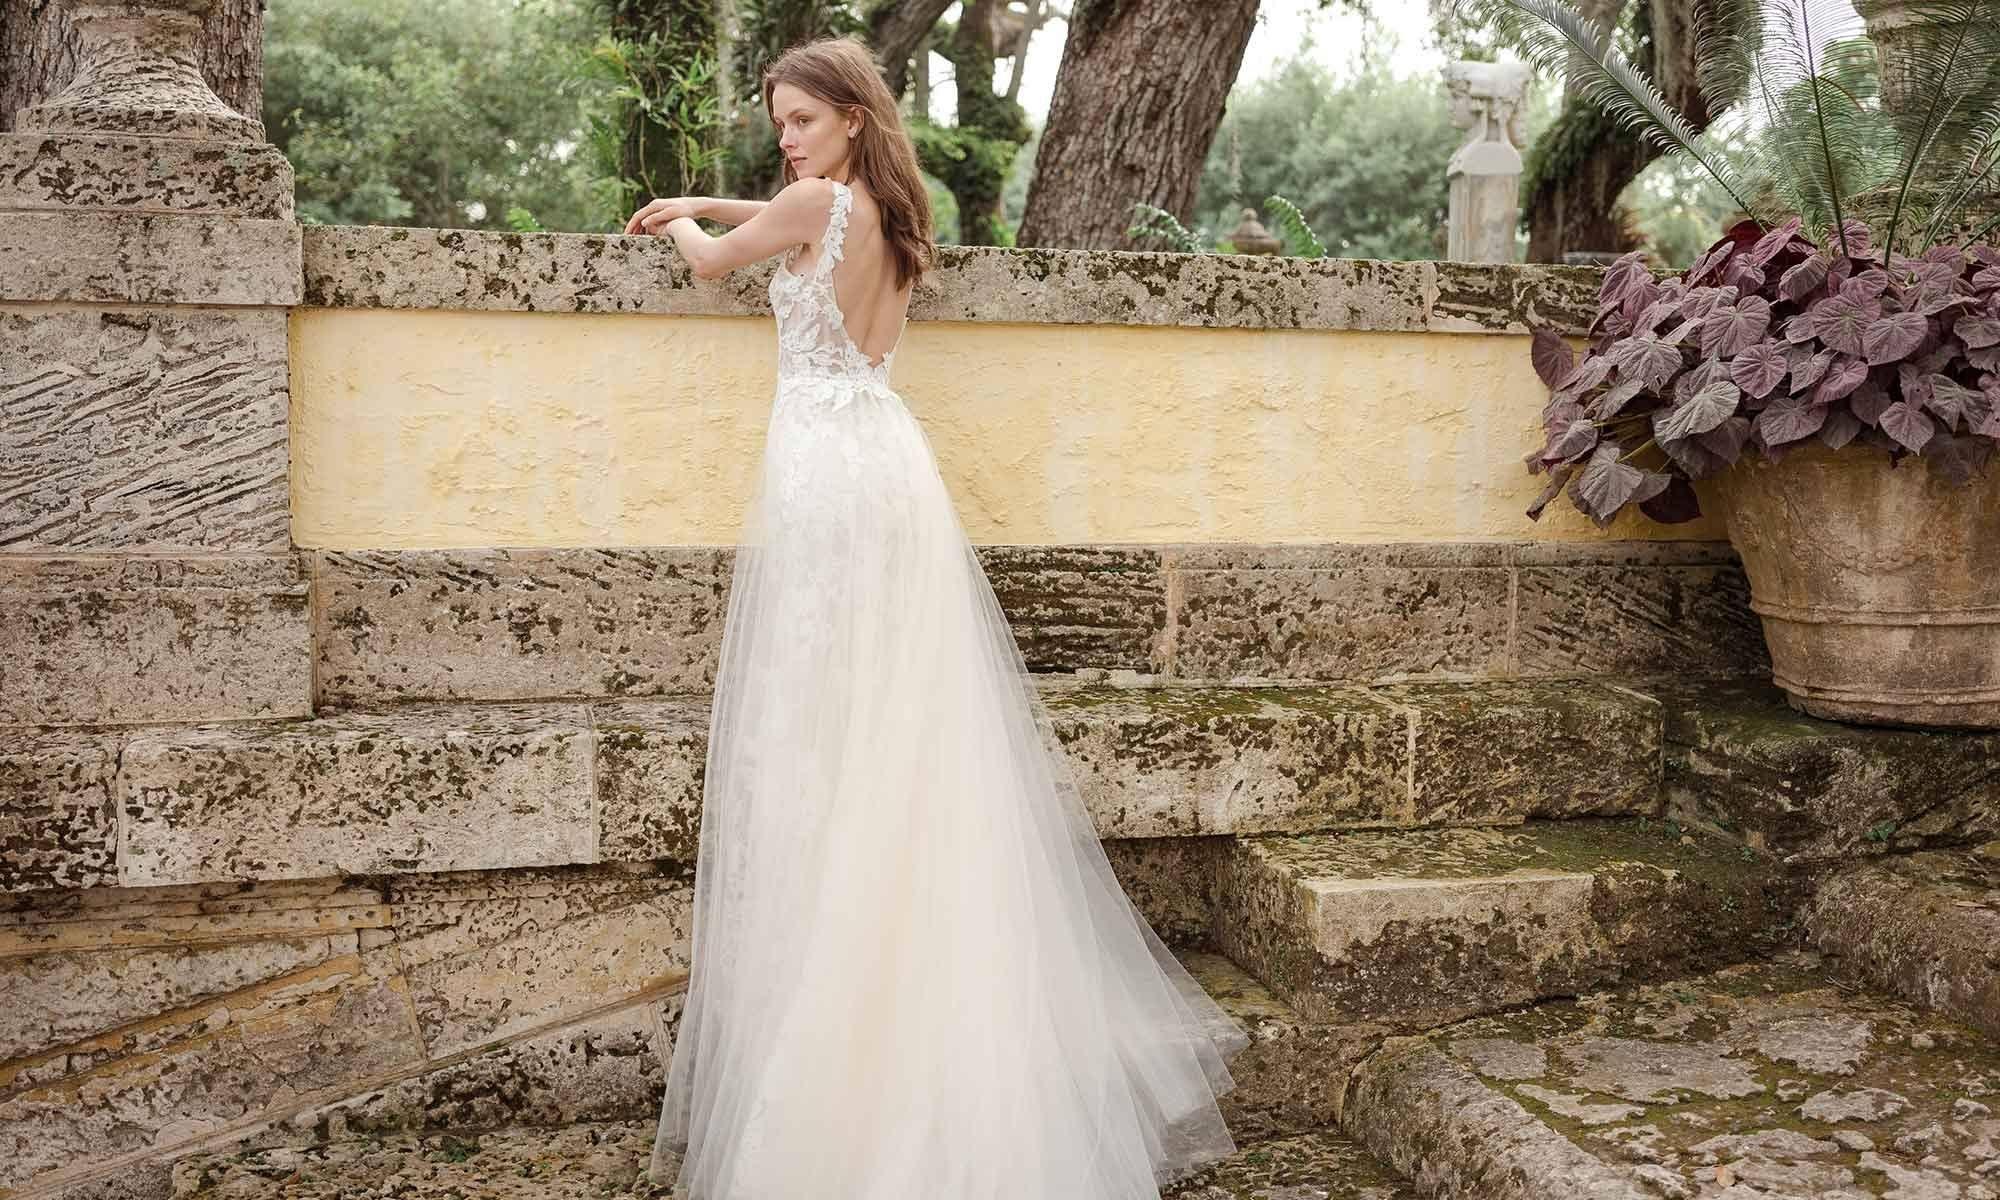 Monique Lhuillier Bridal Collection Spring 2020